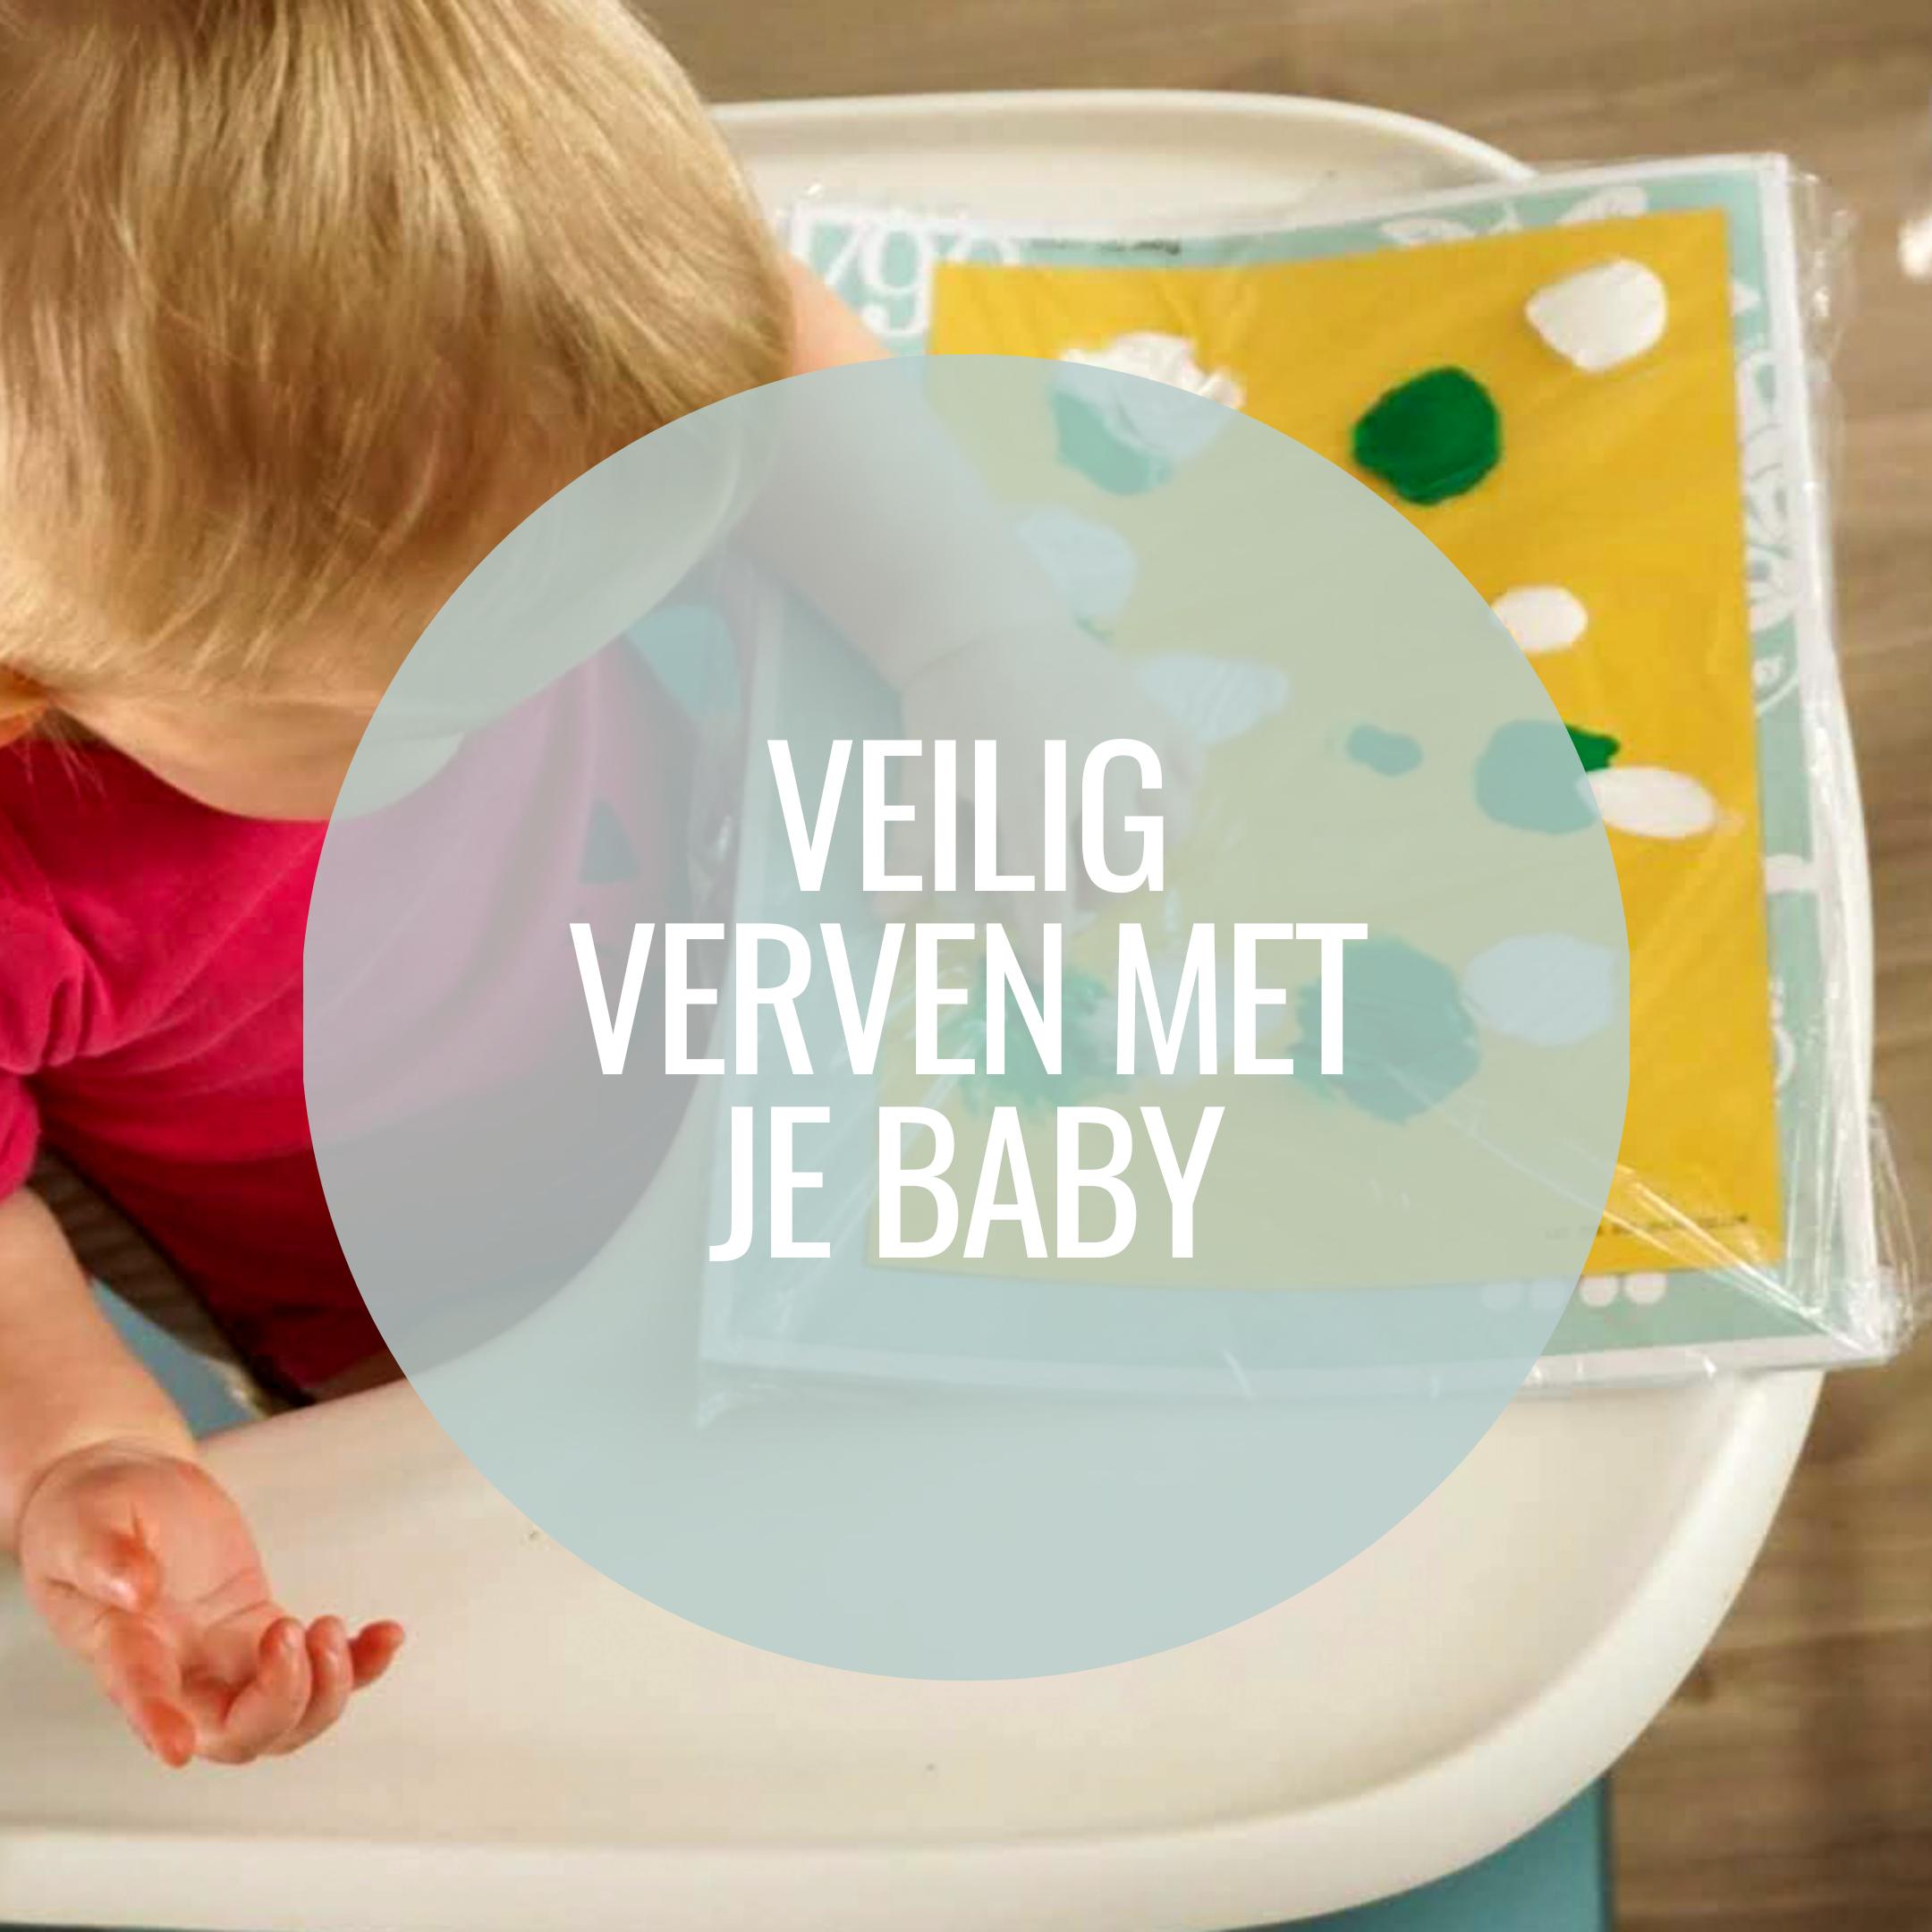 Veilig verven met je baby